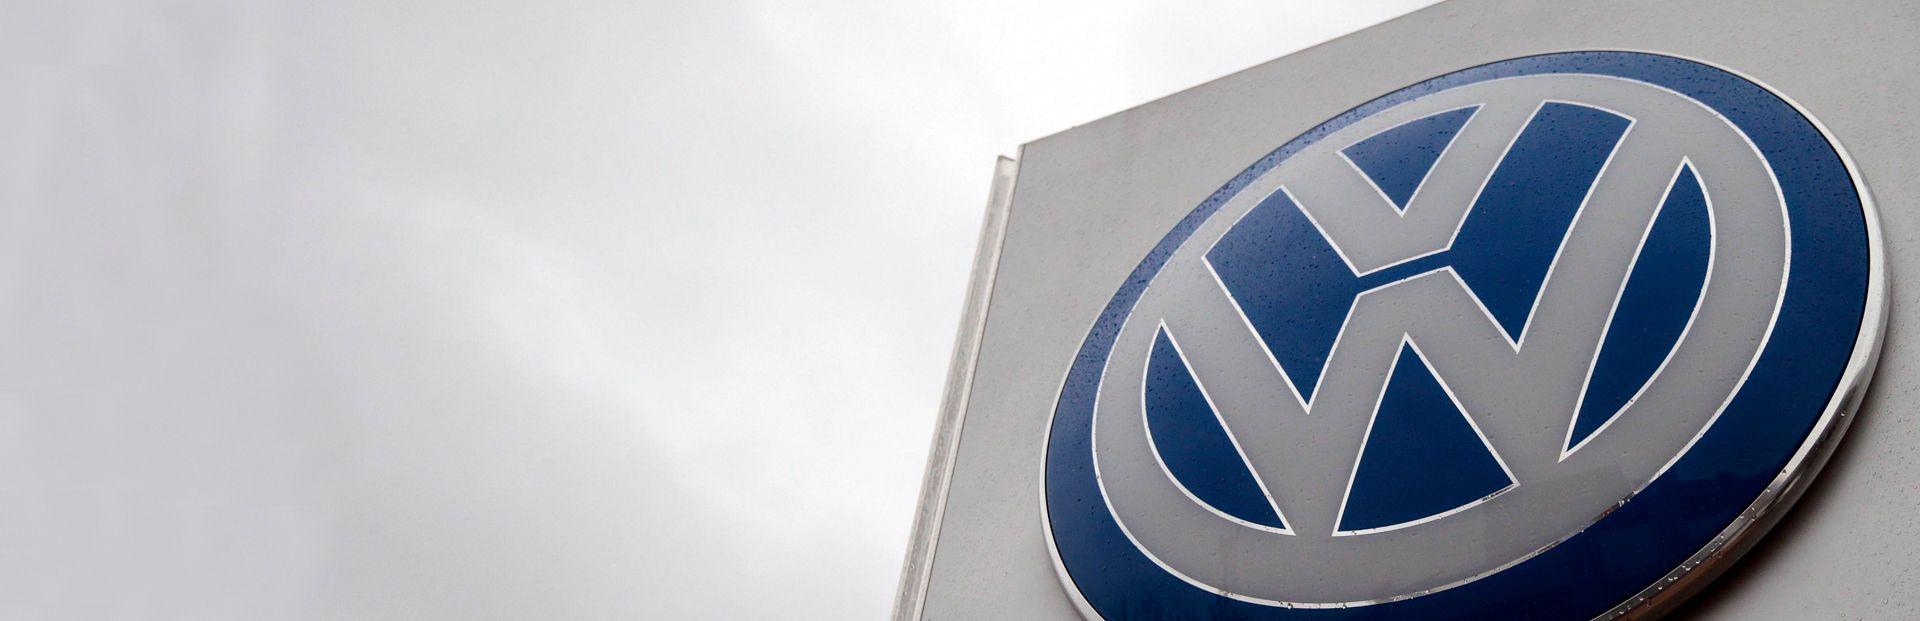 Volkswagen yvancos for Documentacion para reclamar clausula suelo